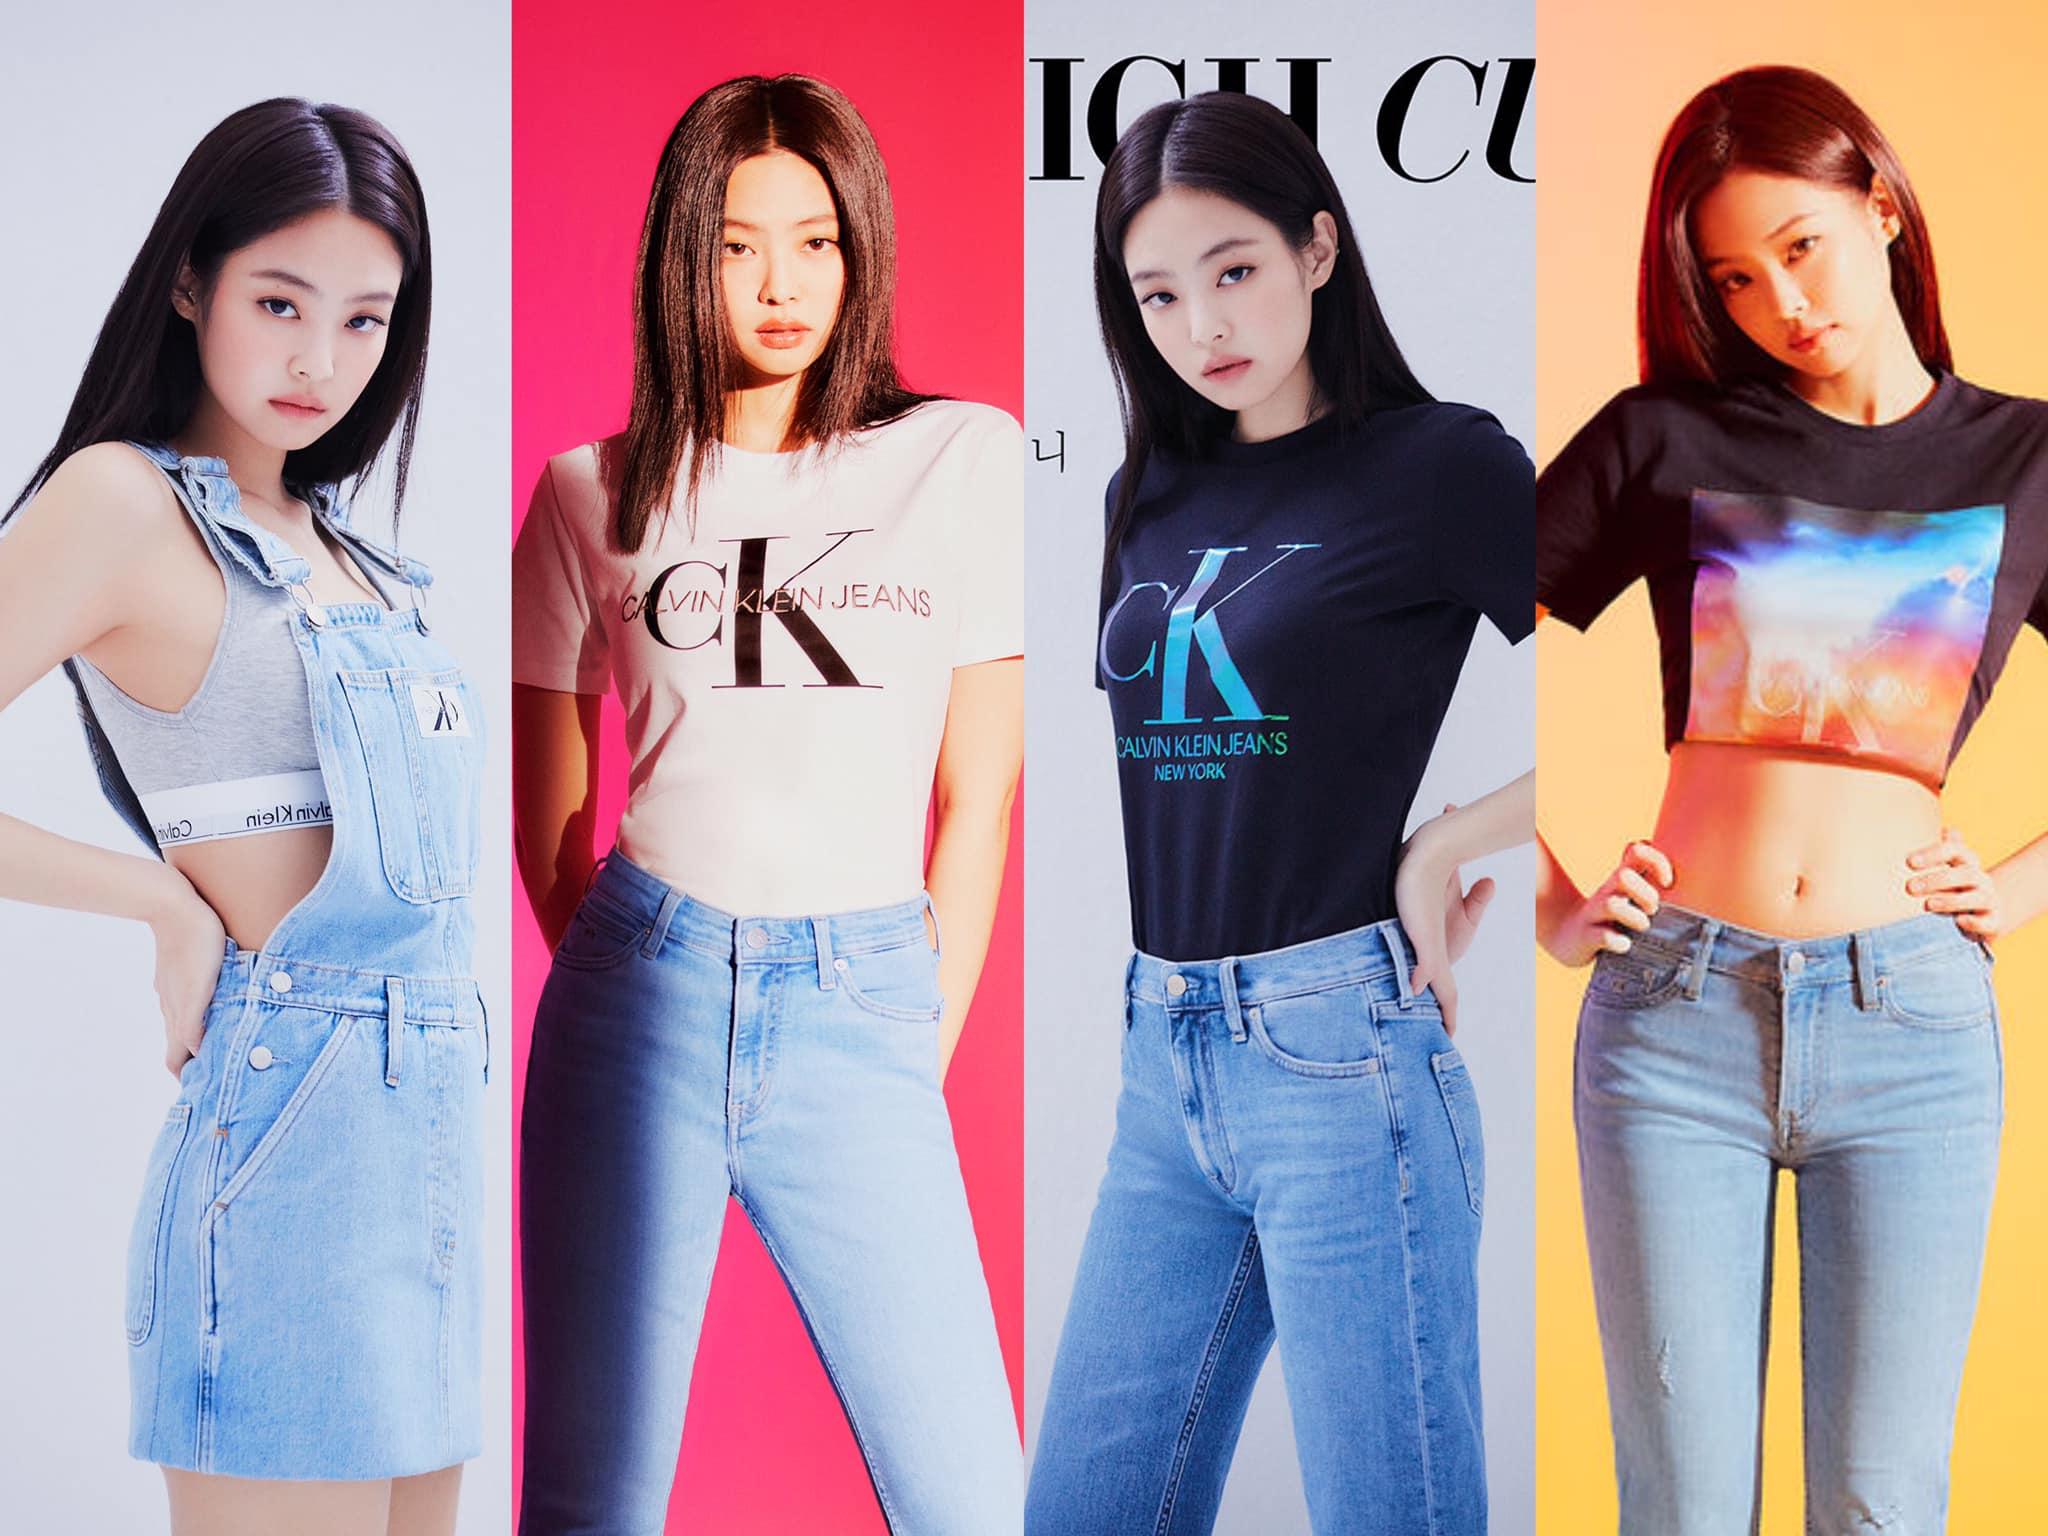 Với phong cách tươi trẻ phù hợp với các cô gái trong độ tuổi 20-30, Jennie cũng rất xuất sắc trong vai trò người mẫu cho Calvin Klein Jeans. Diện những mẫu đồ jeans đơn giản mà khỏe khoắn của hãng, nữ idol khoe được vóc dáng chuẩn mực, góp phần giúp doanh thu của hãng tăng vùn vụt.